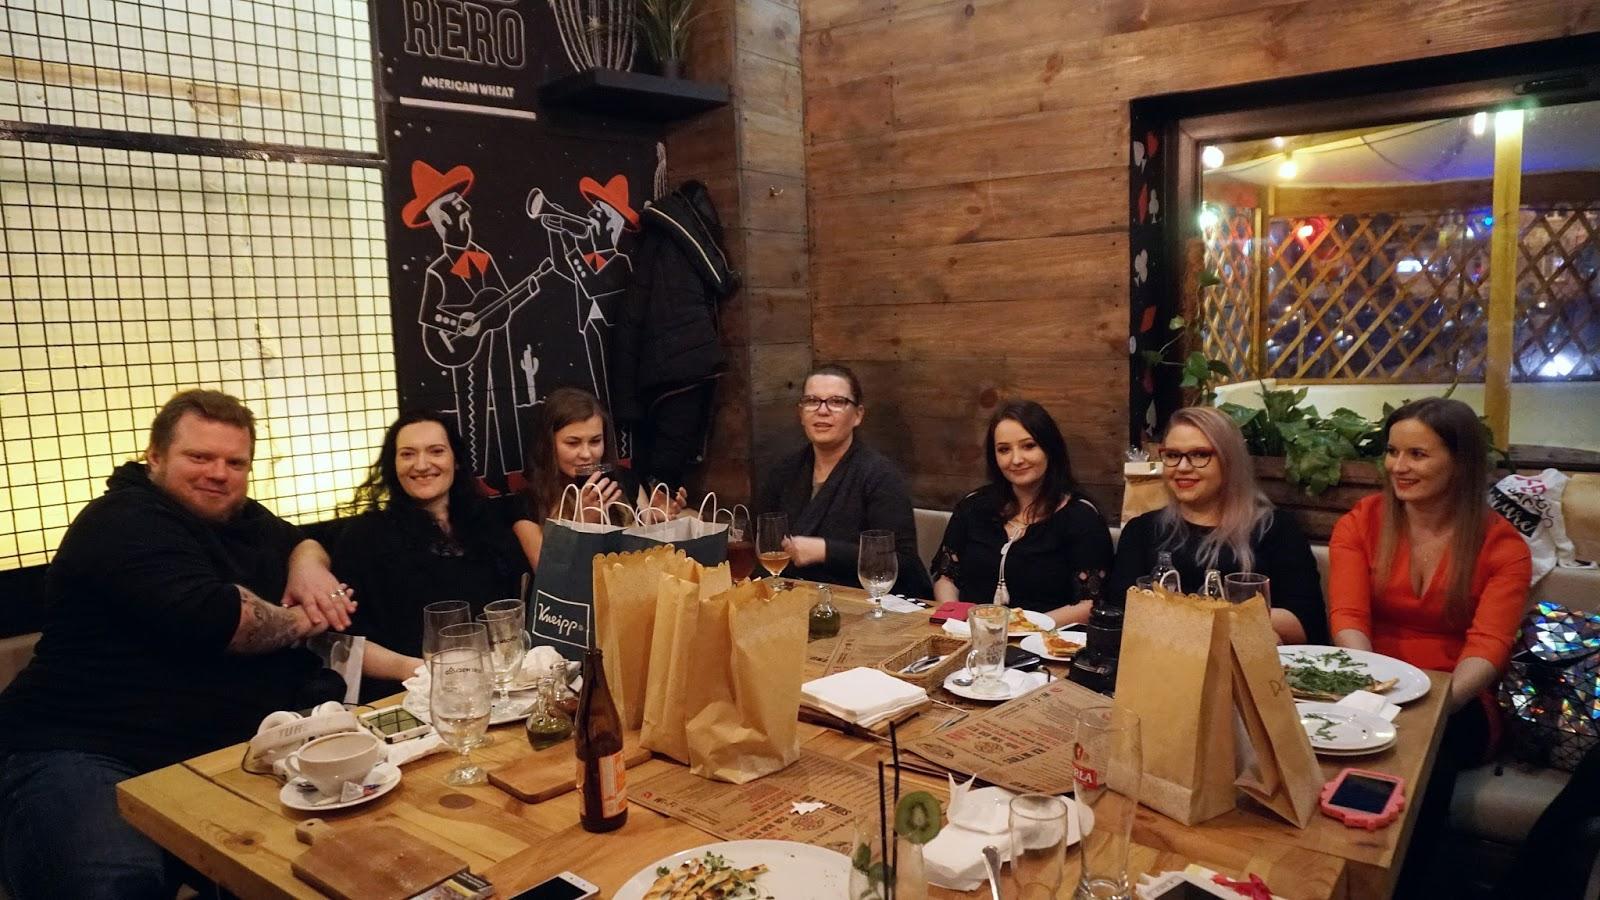 Mikołajkowe spotkanie blogerów w Lublinie - charytatywnie!